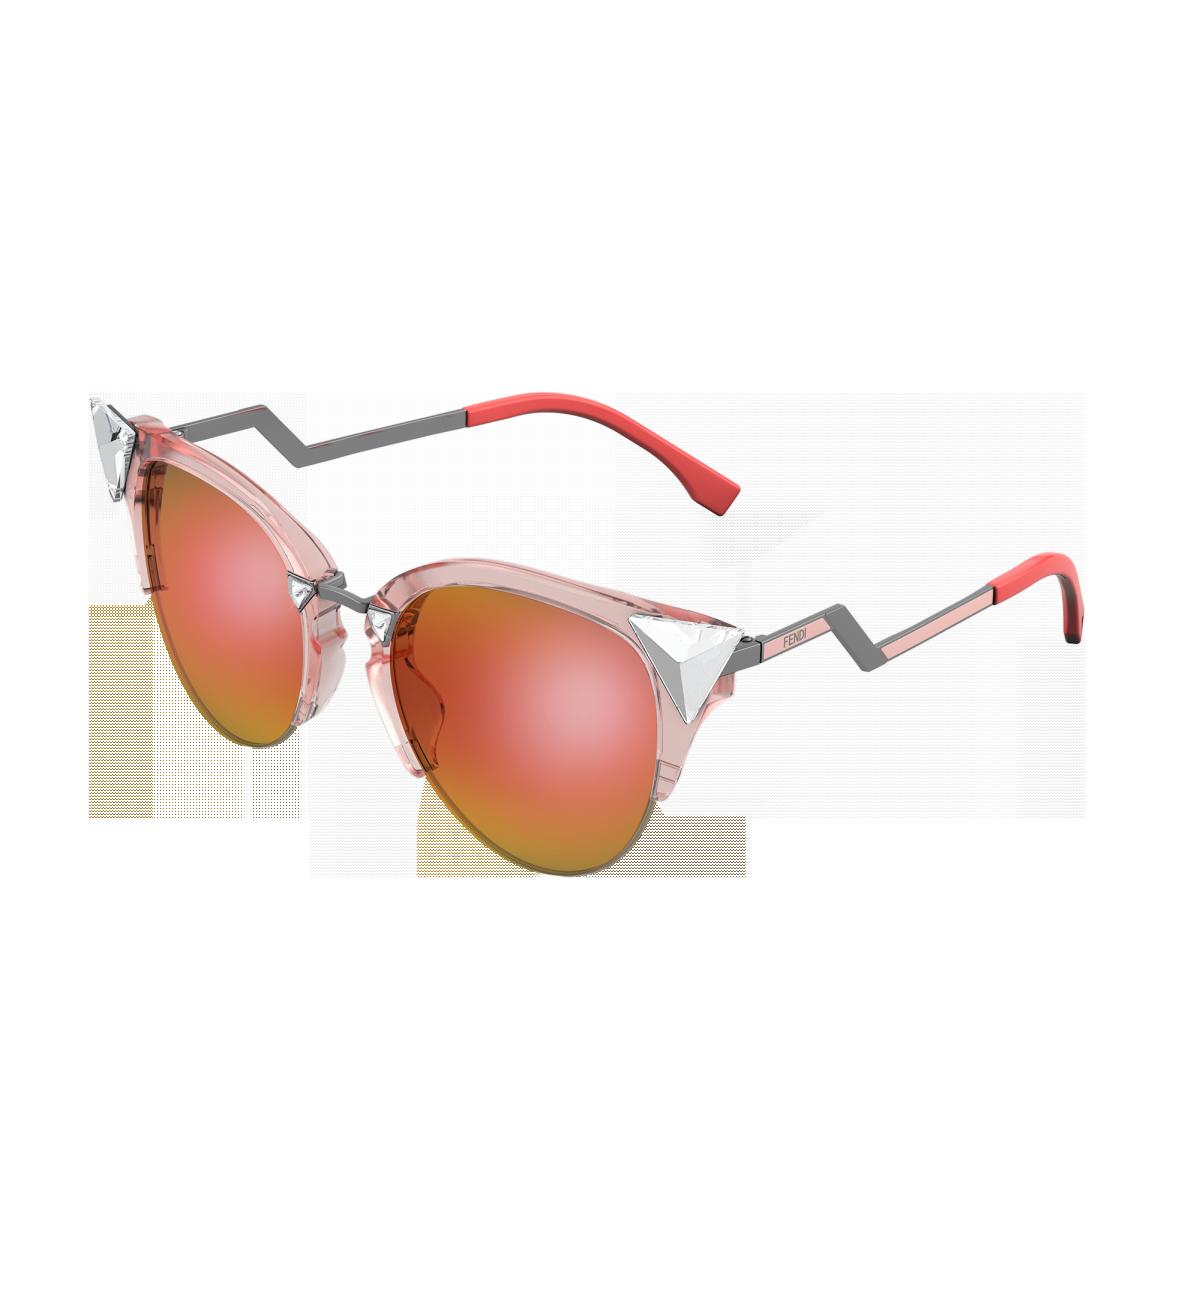 Fendi 2014-15 Brillen Kollektion - Brillen Trends & Themen